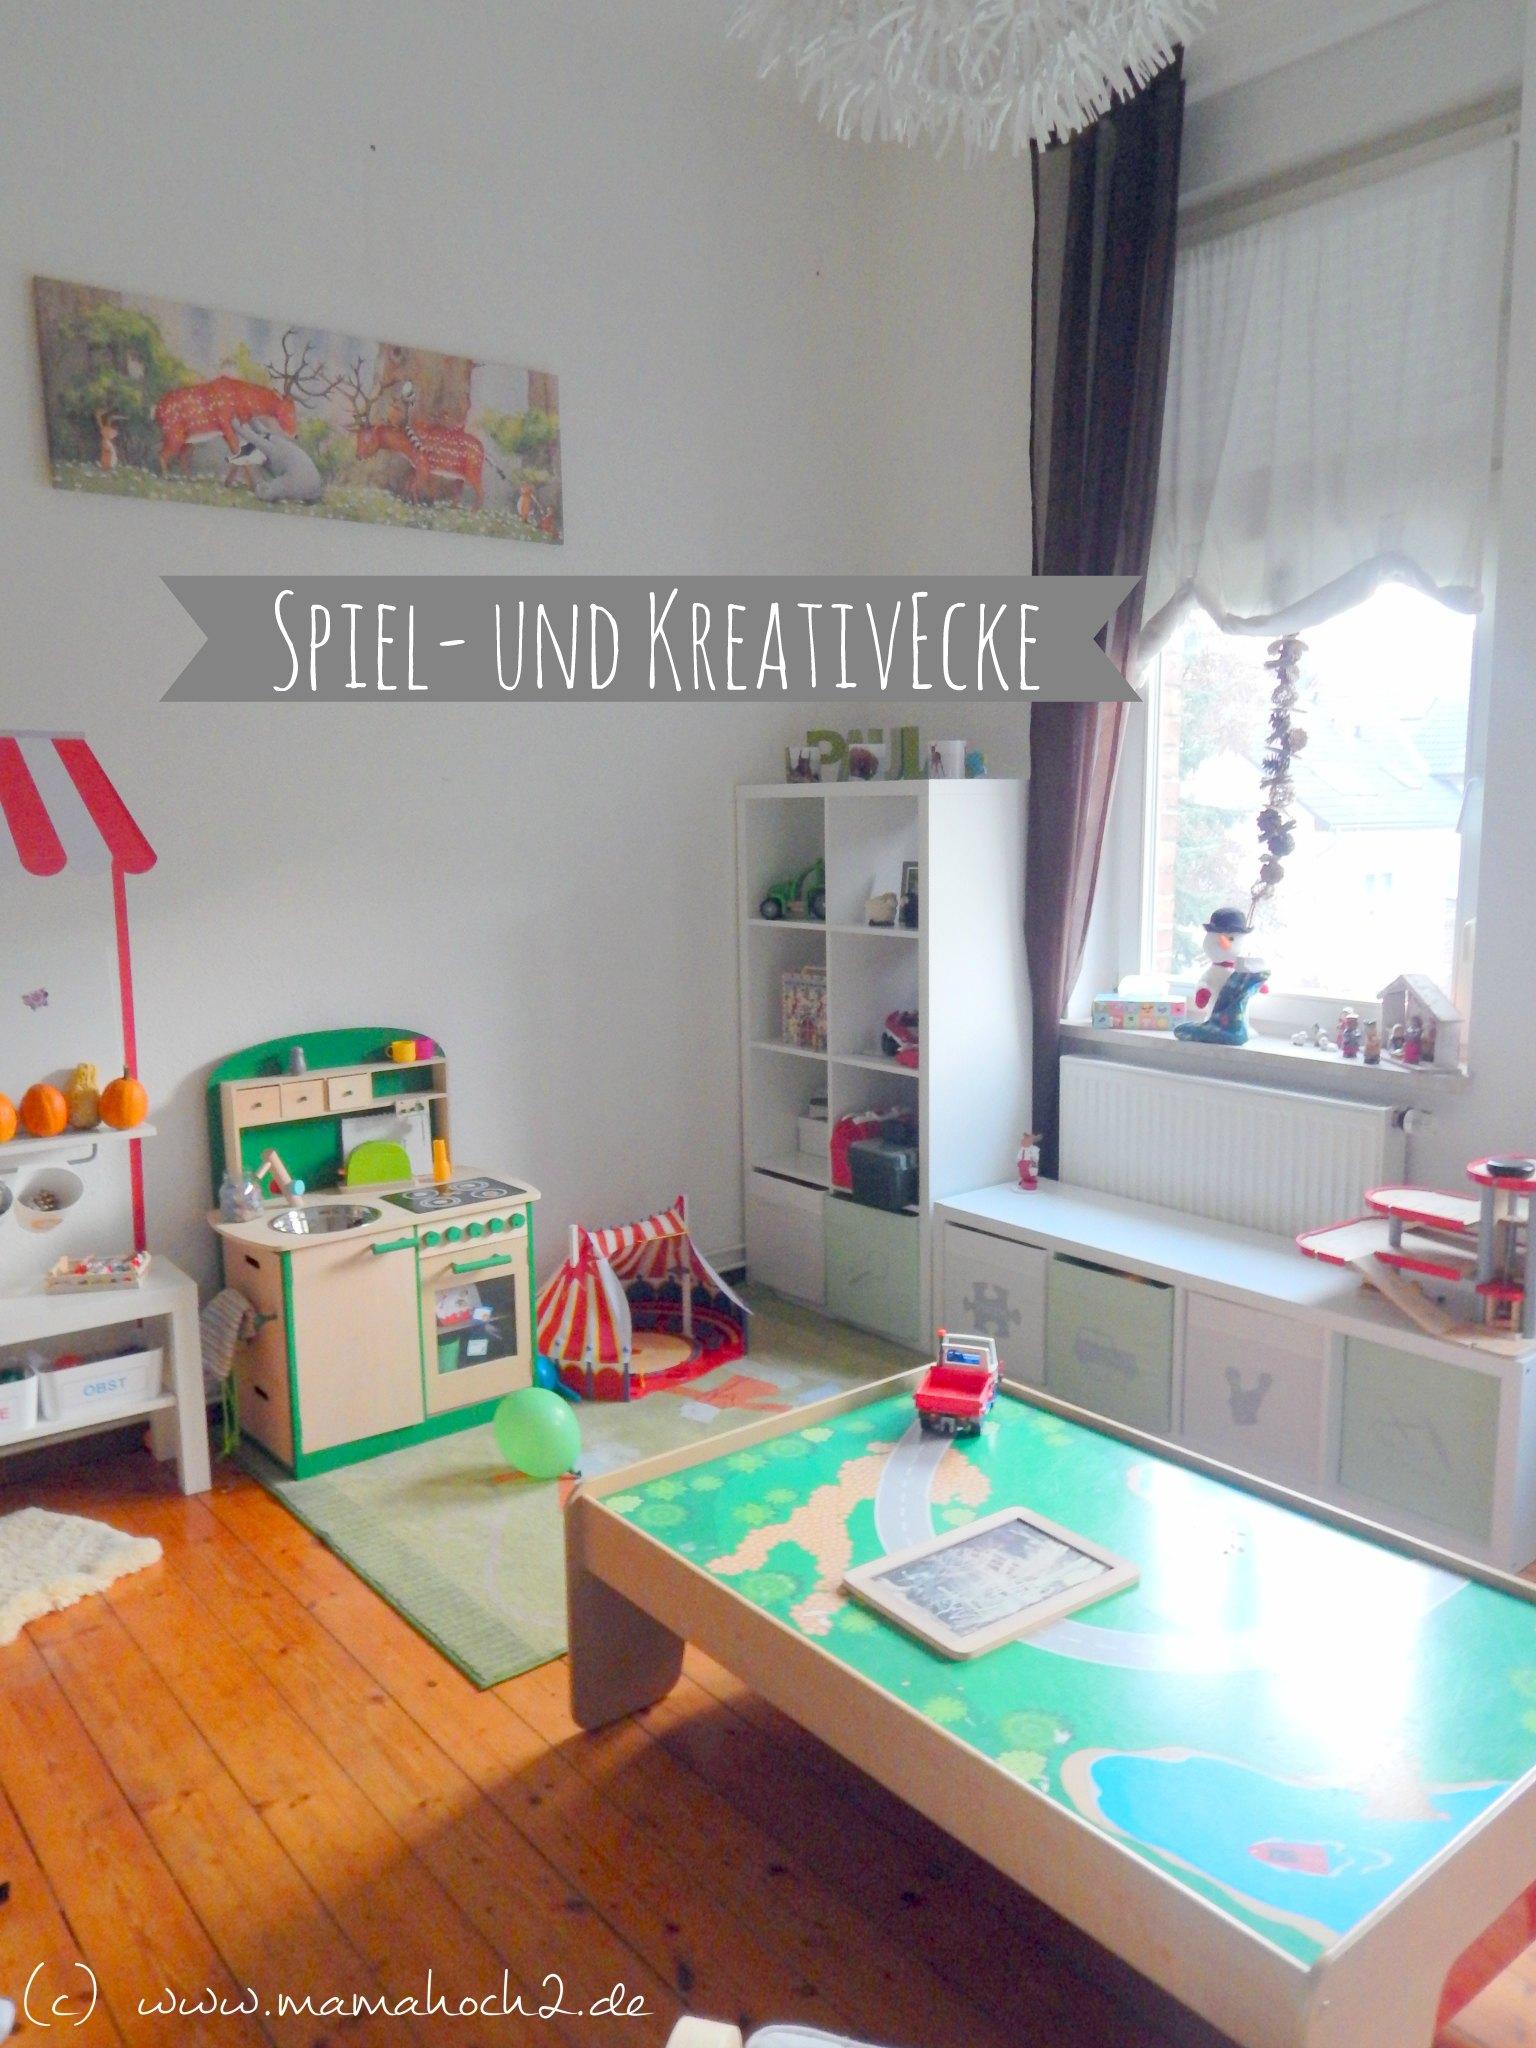 Kinderzimmer für zwei lausebengel   kinderzimmerideen   mamahoch2